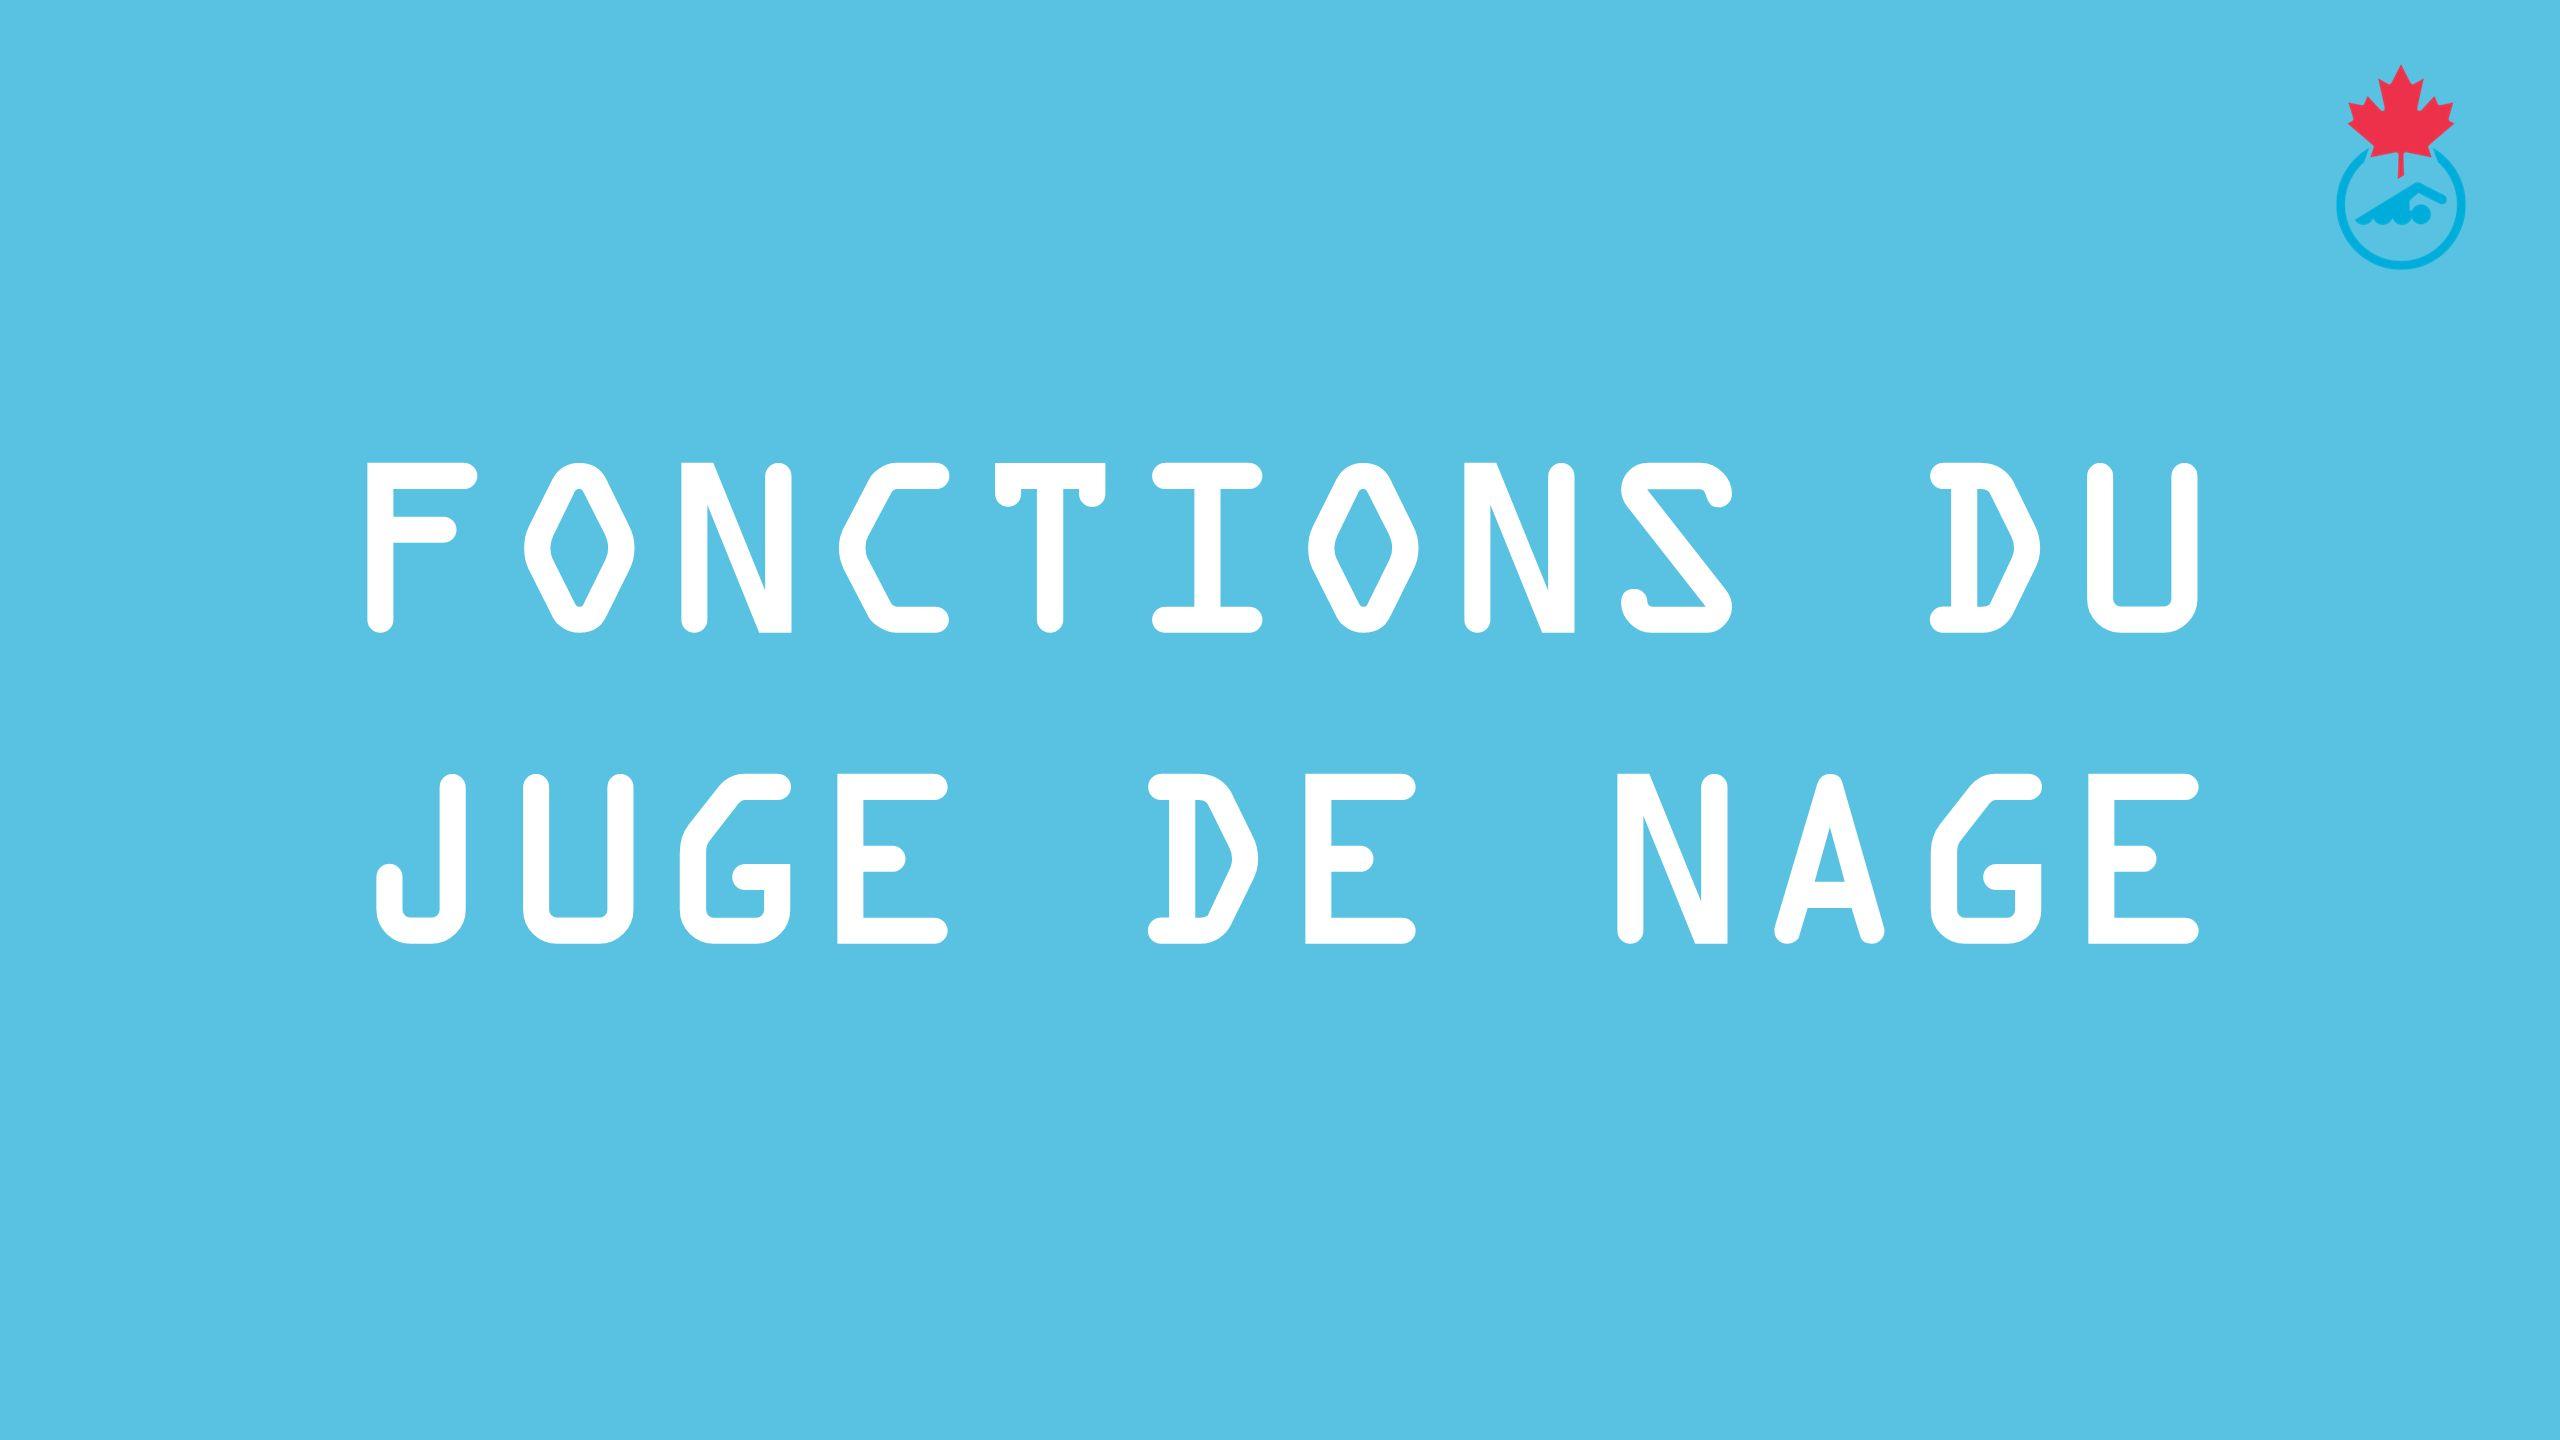 fonctions DU JUGE DE Nage